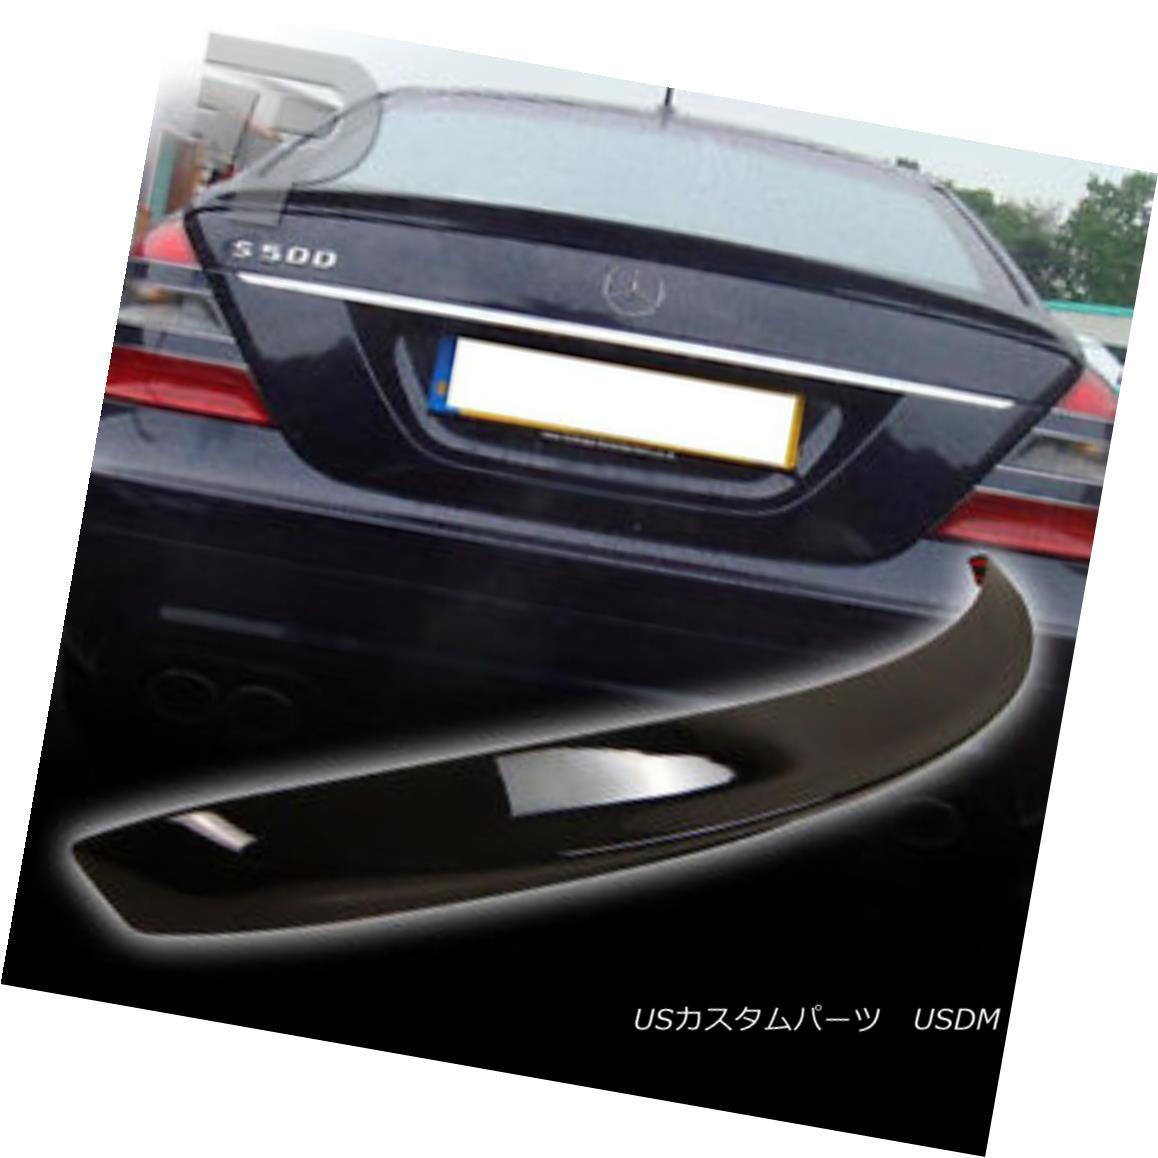 エアロパーツ PAINTED Mercedes BENZ W221 A TYPE BOOT TRUNK SPOILER 040 BLACK ▼ ペイントされたメルセデスベンツW221型ブーツトランクスポイラー040黒?